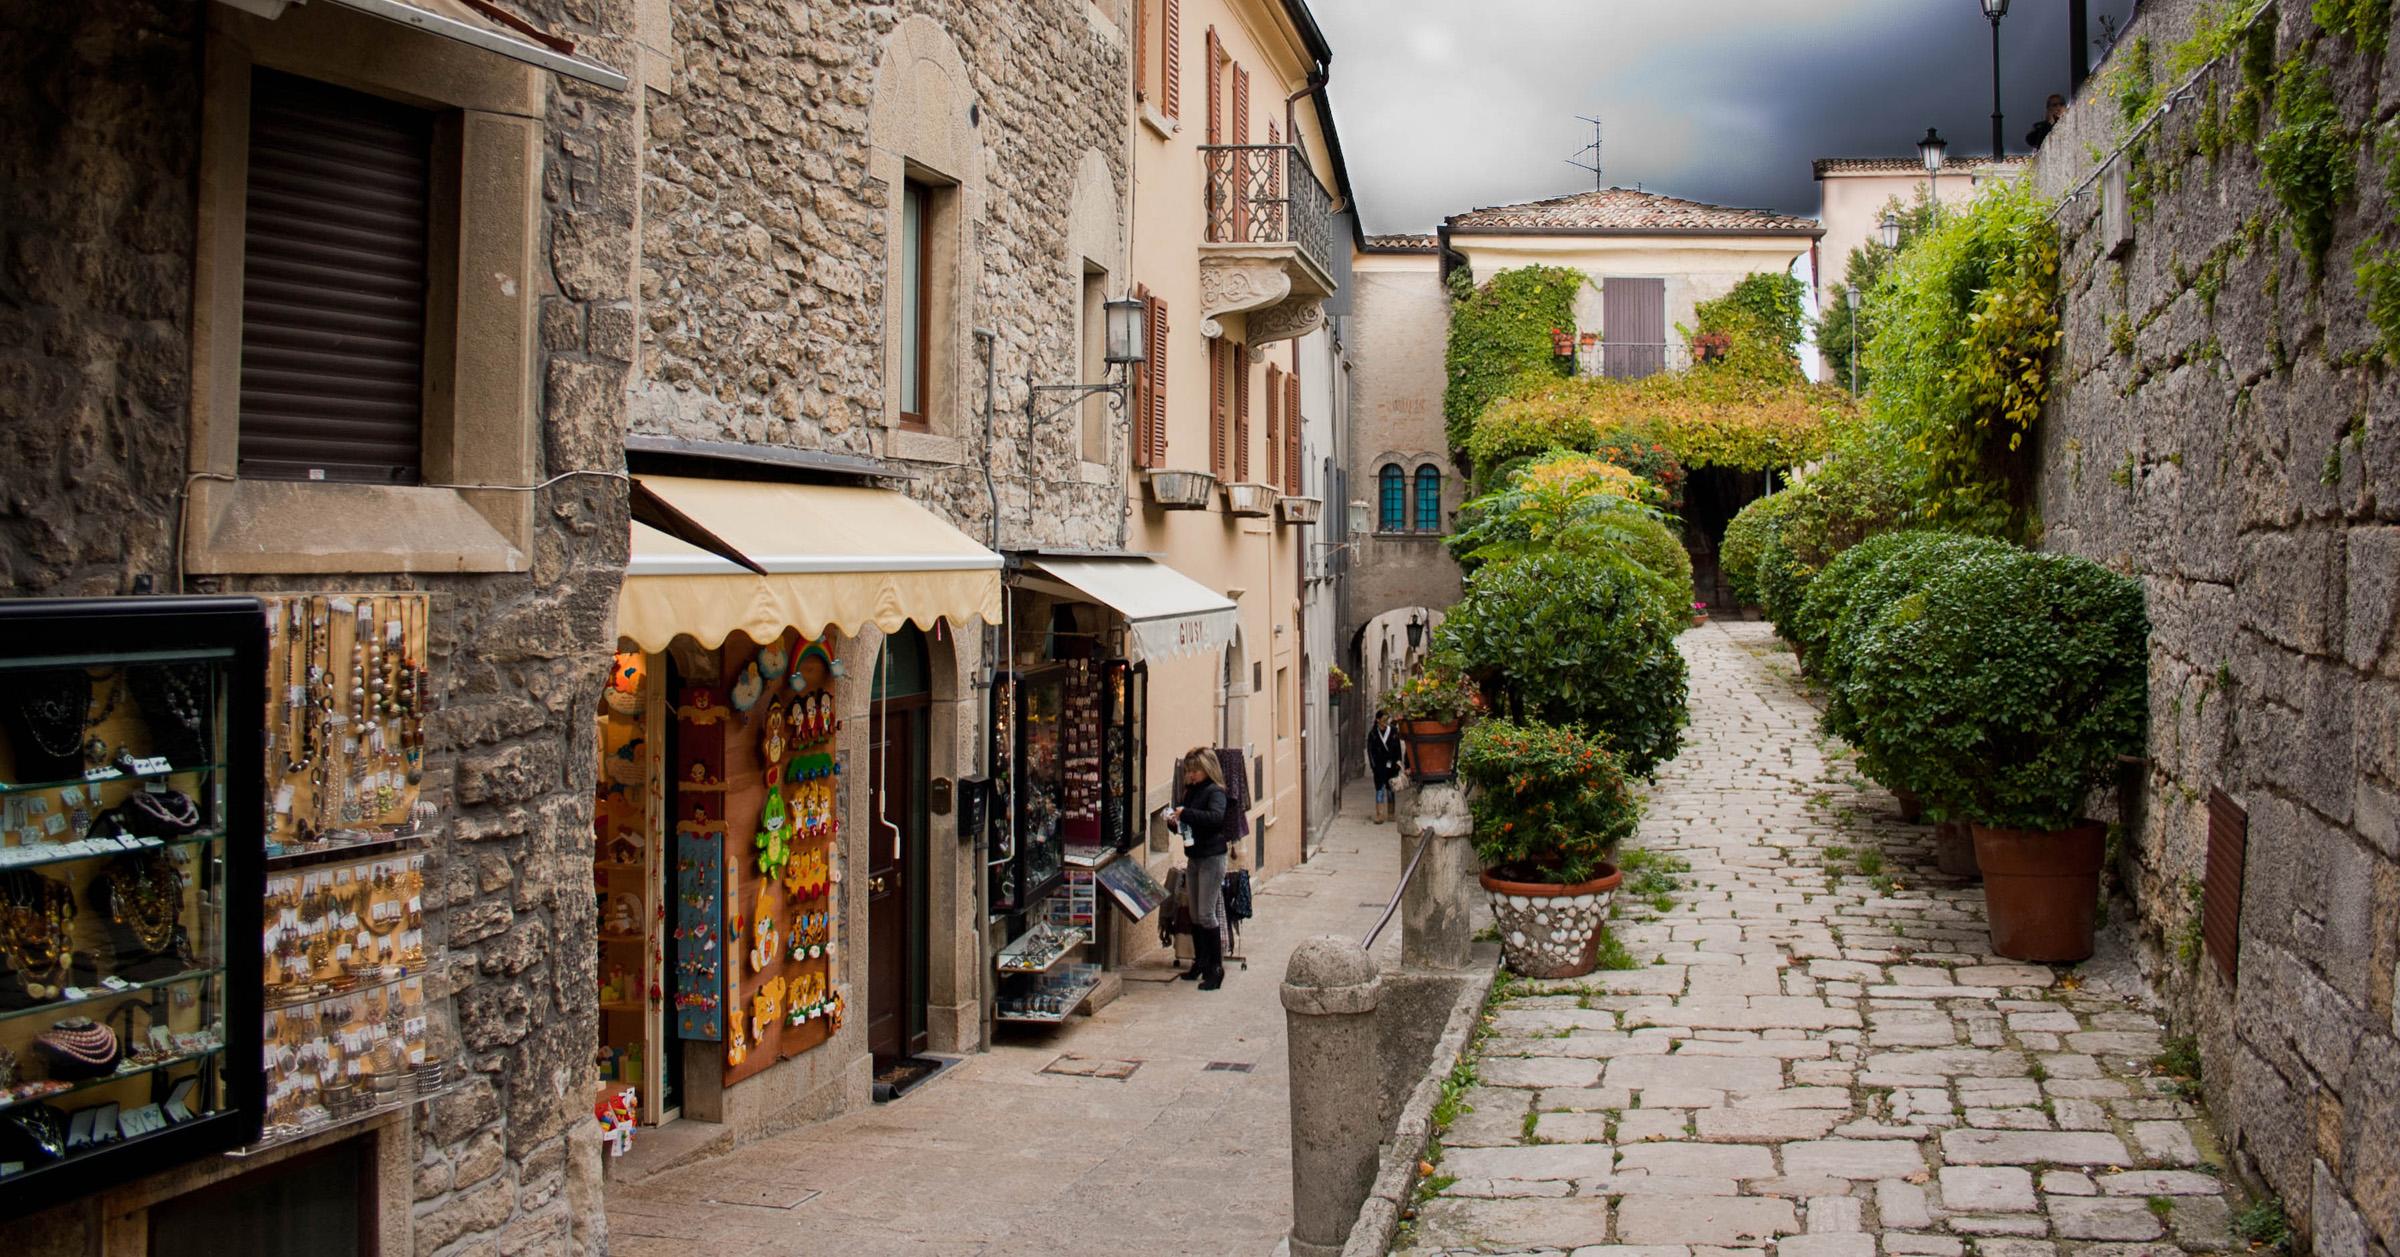 San Marino City, San Marino - by Filip Knežić